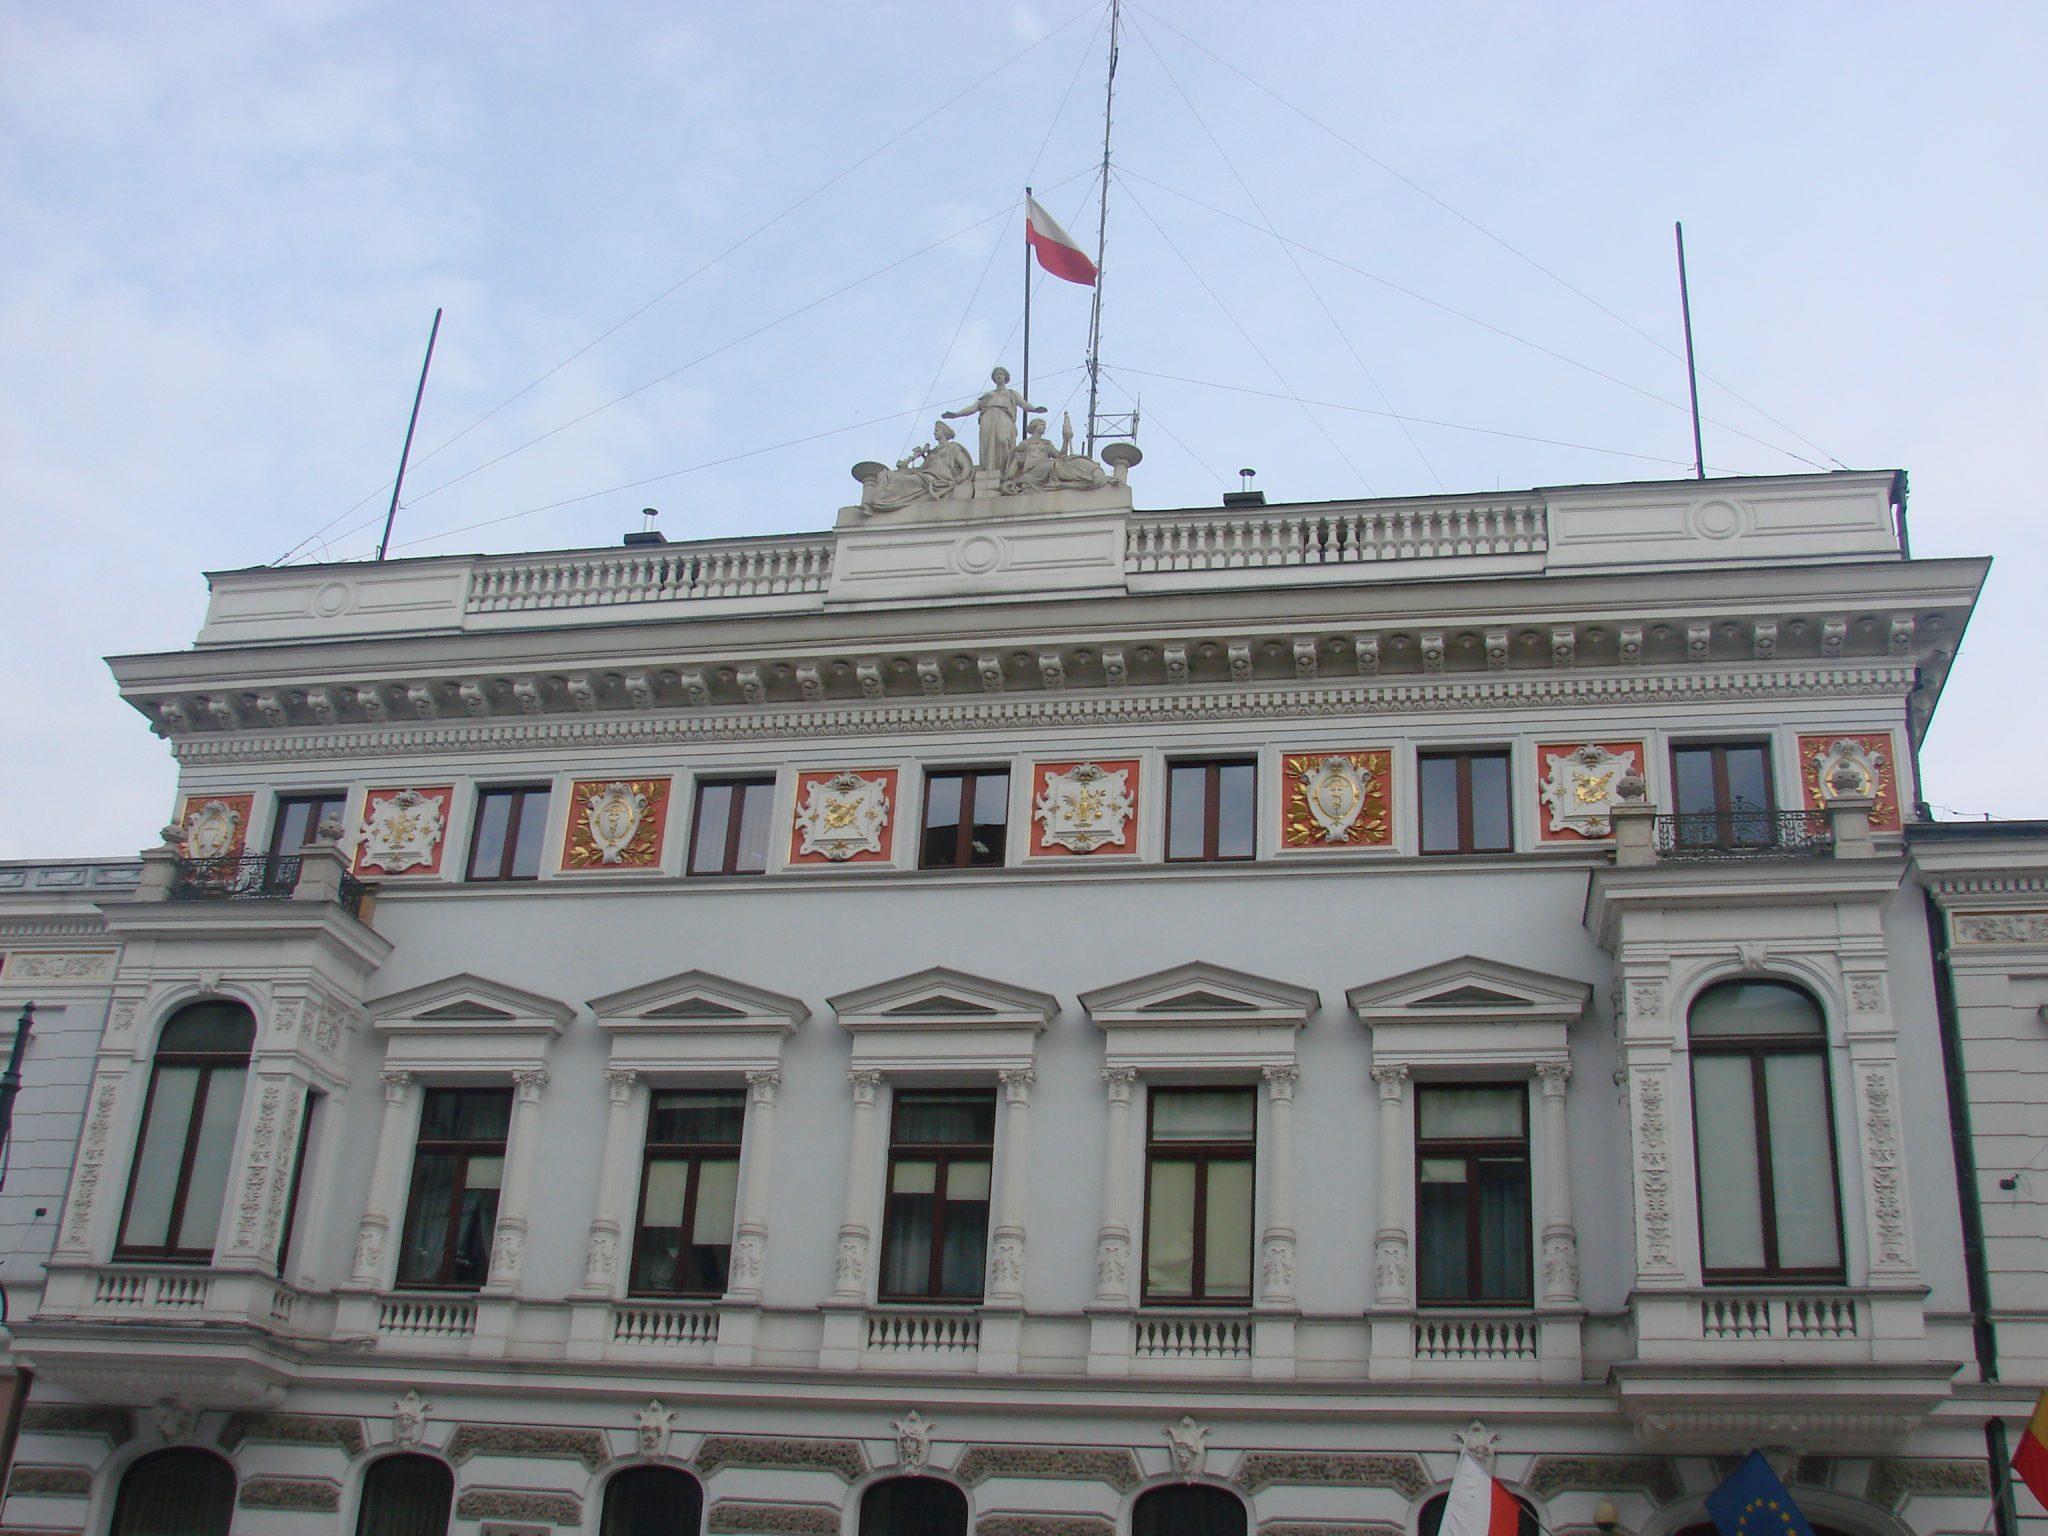 Widok na elewacje frontową pałacu Juliusza Heinzla w Łodzi – obecnie urząd miasta Łodzi przy ulicy Piotrkowskiej